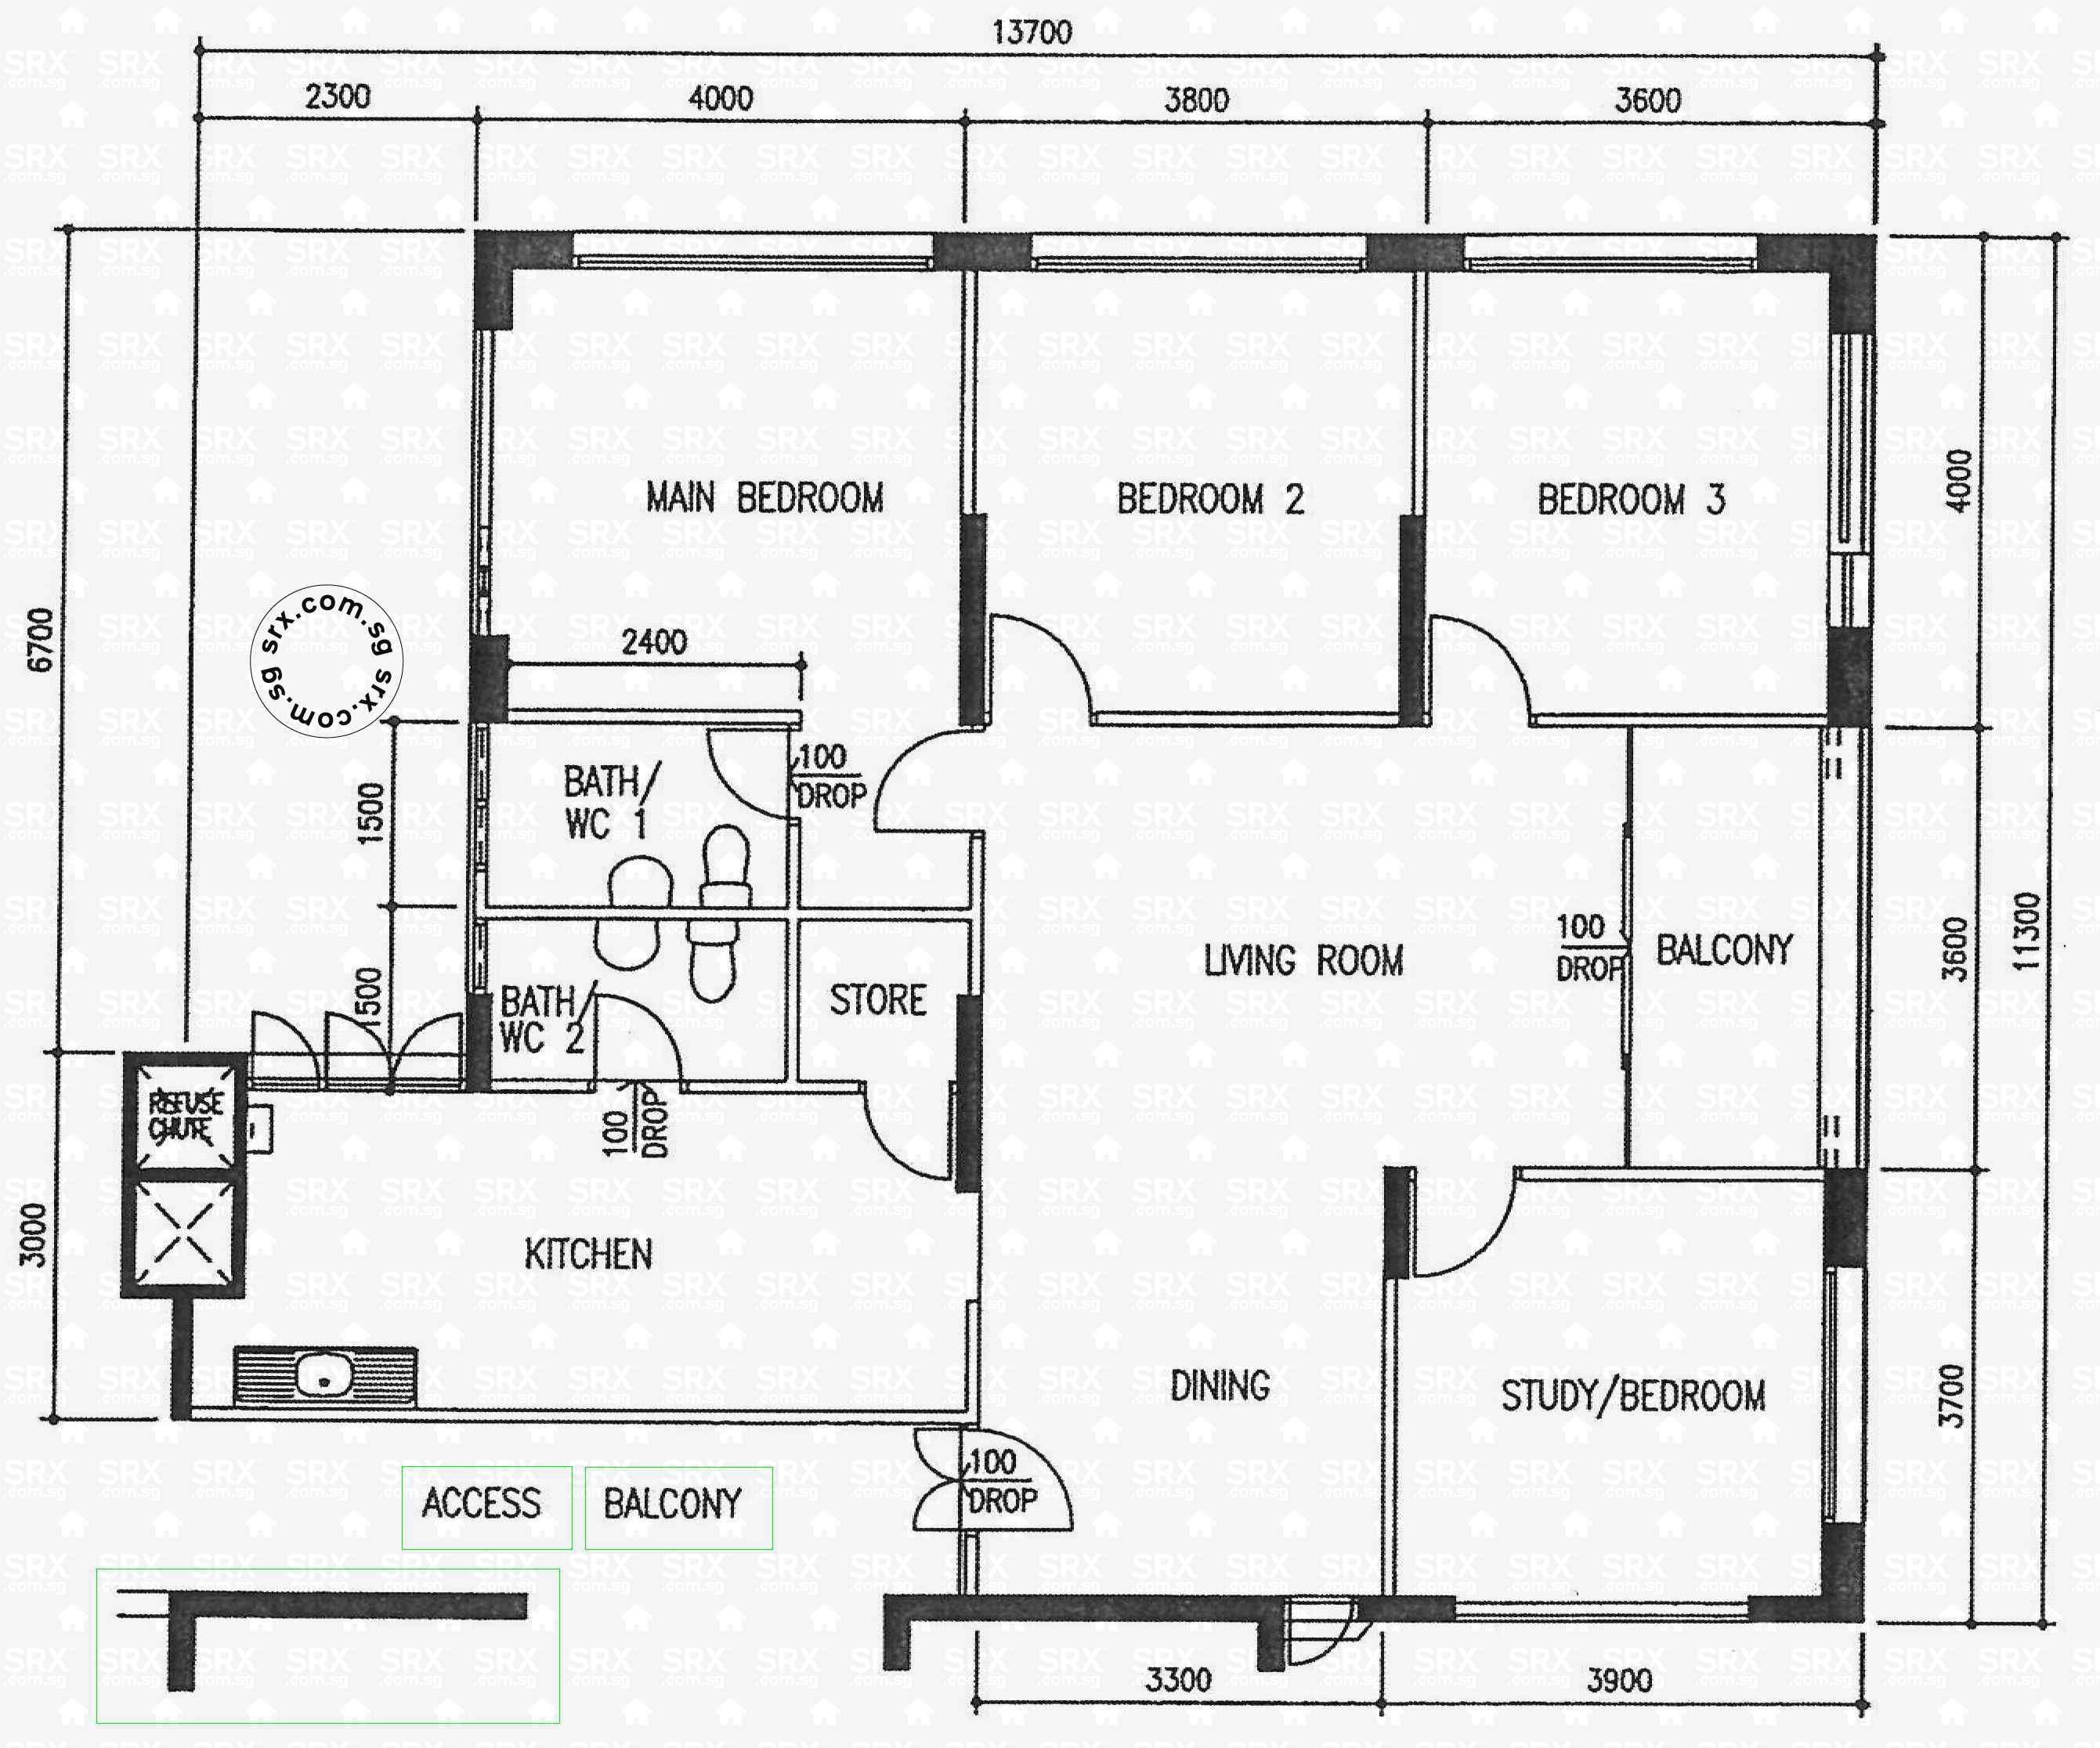 Floor plans for bishan street 13 hdb details srx property for 02 floor plan